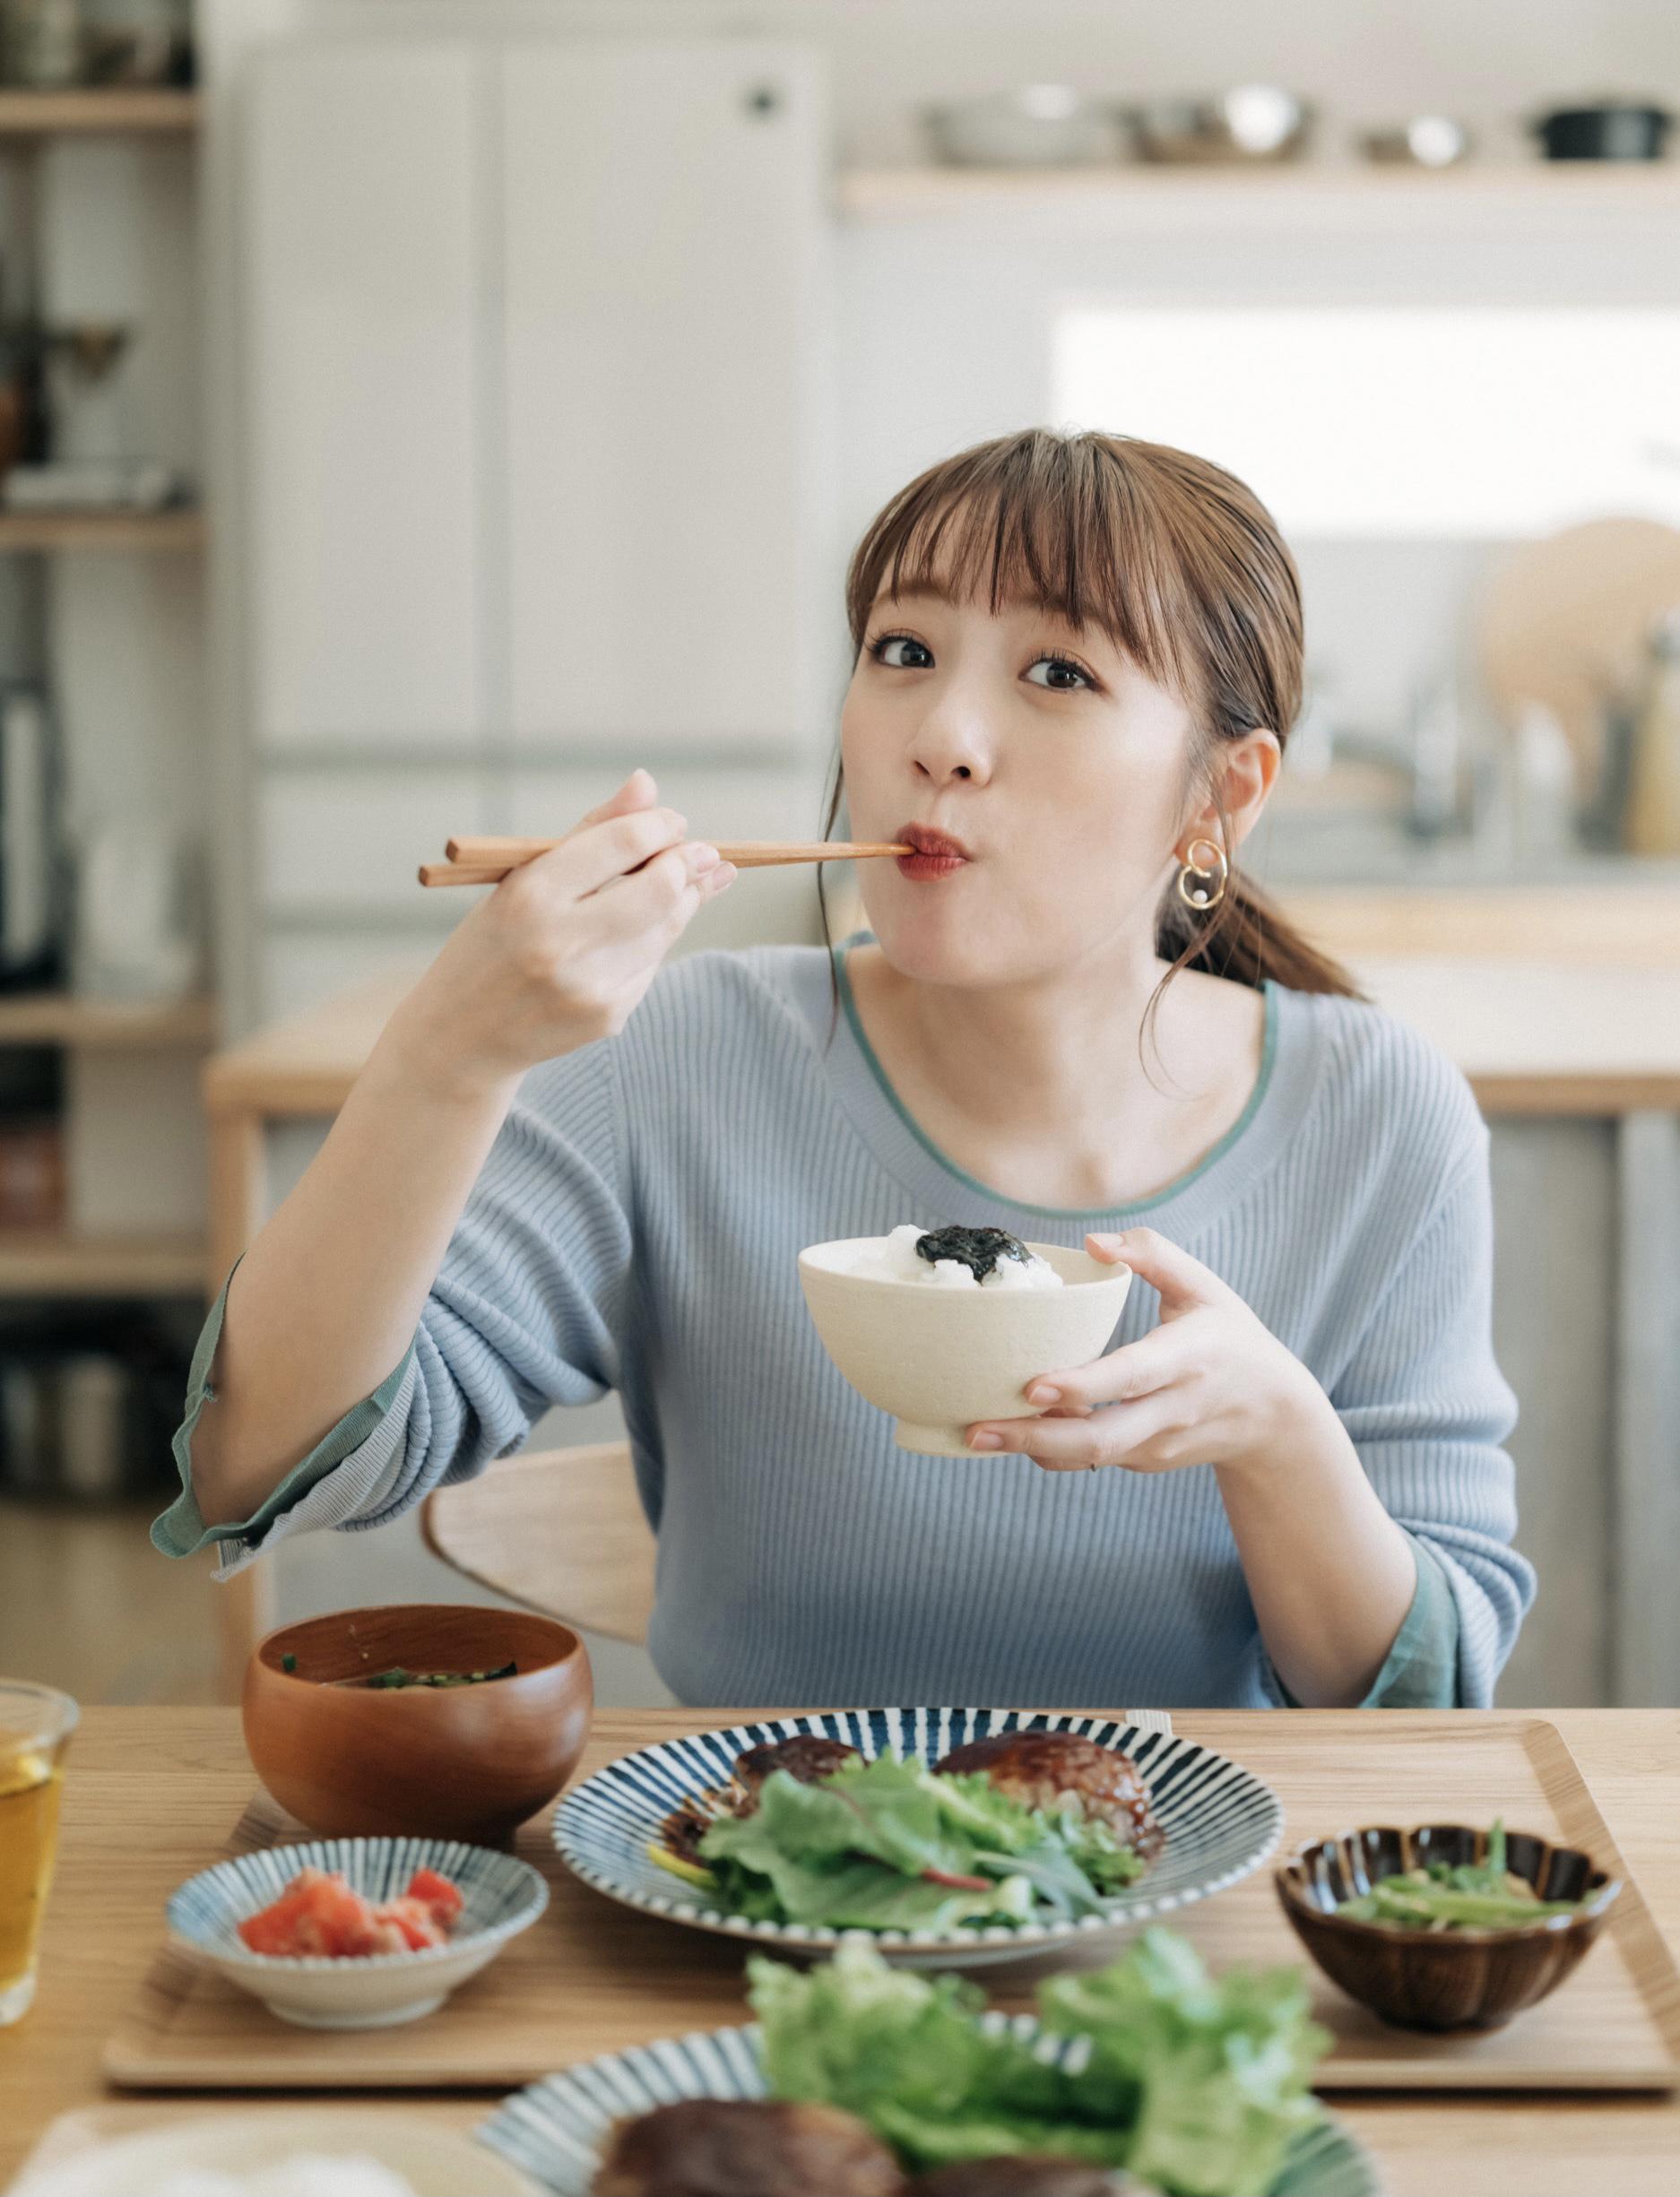 『たかみなの毎日食べたくなる そこそこごはん』©光文社